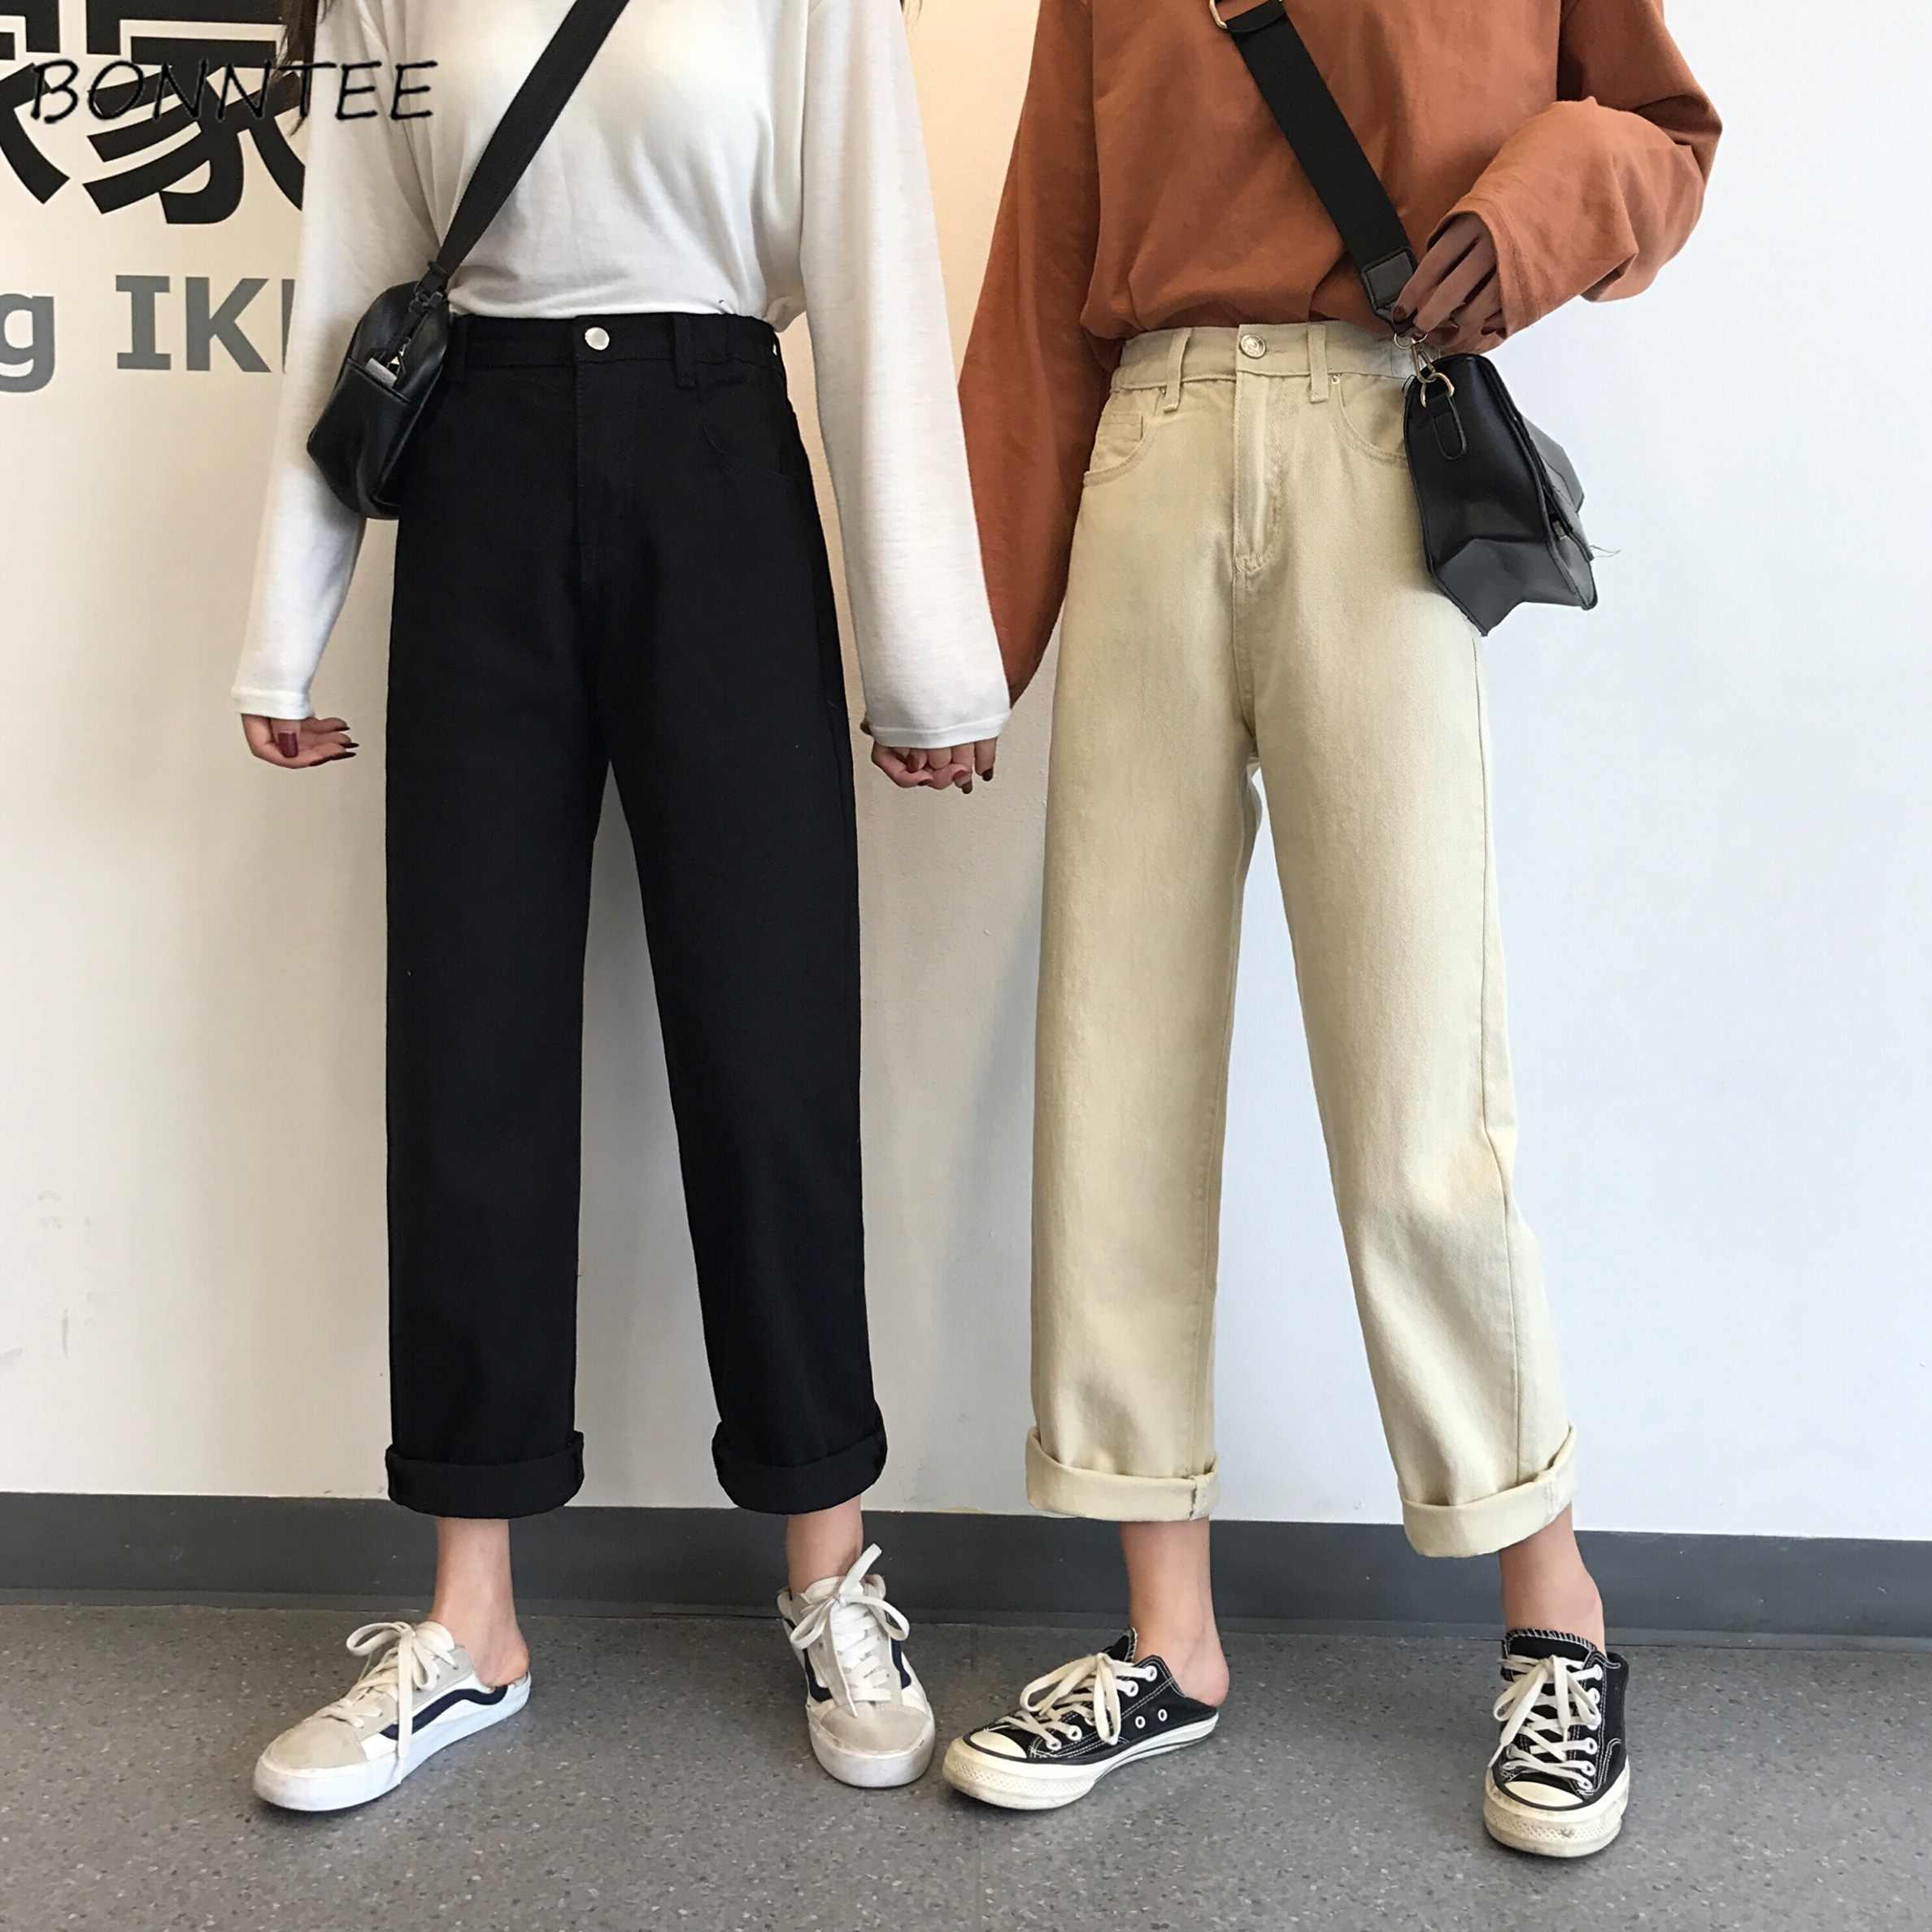 Jeans Vrouwen Hoge Taille Elastische Rits Knop Straight Koreaanse Stijl Alle-Wedstrijd Vrouwen Bf Broek Eenvoudige Casual Daily Eenvoudige chic